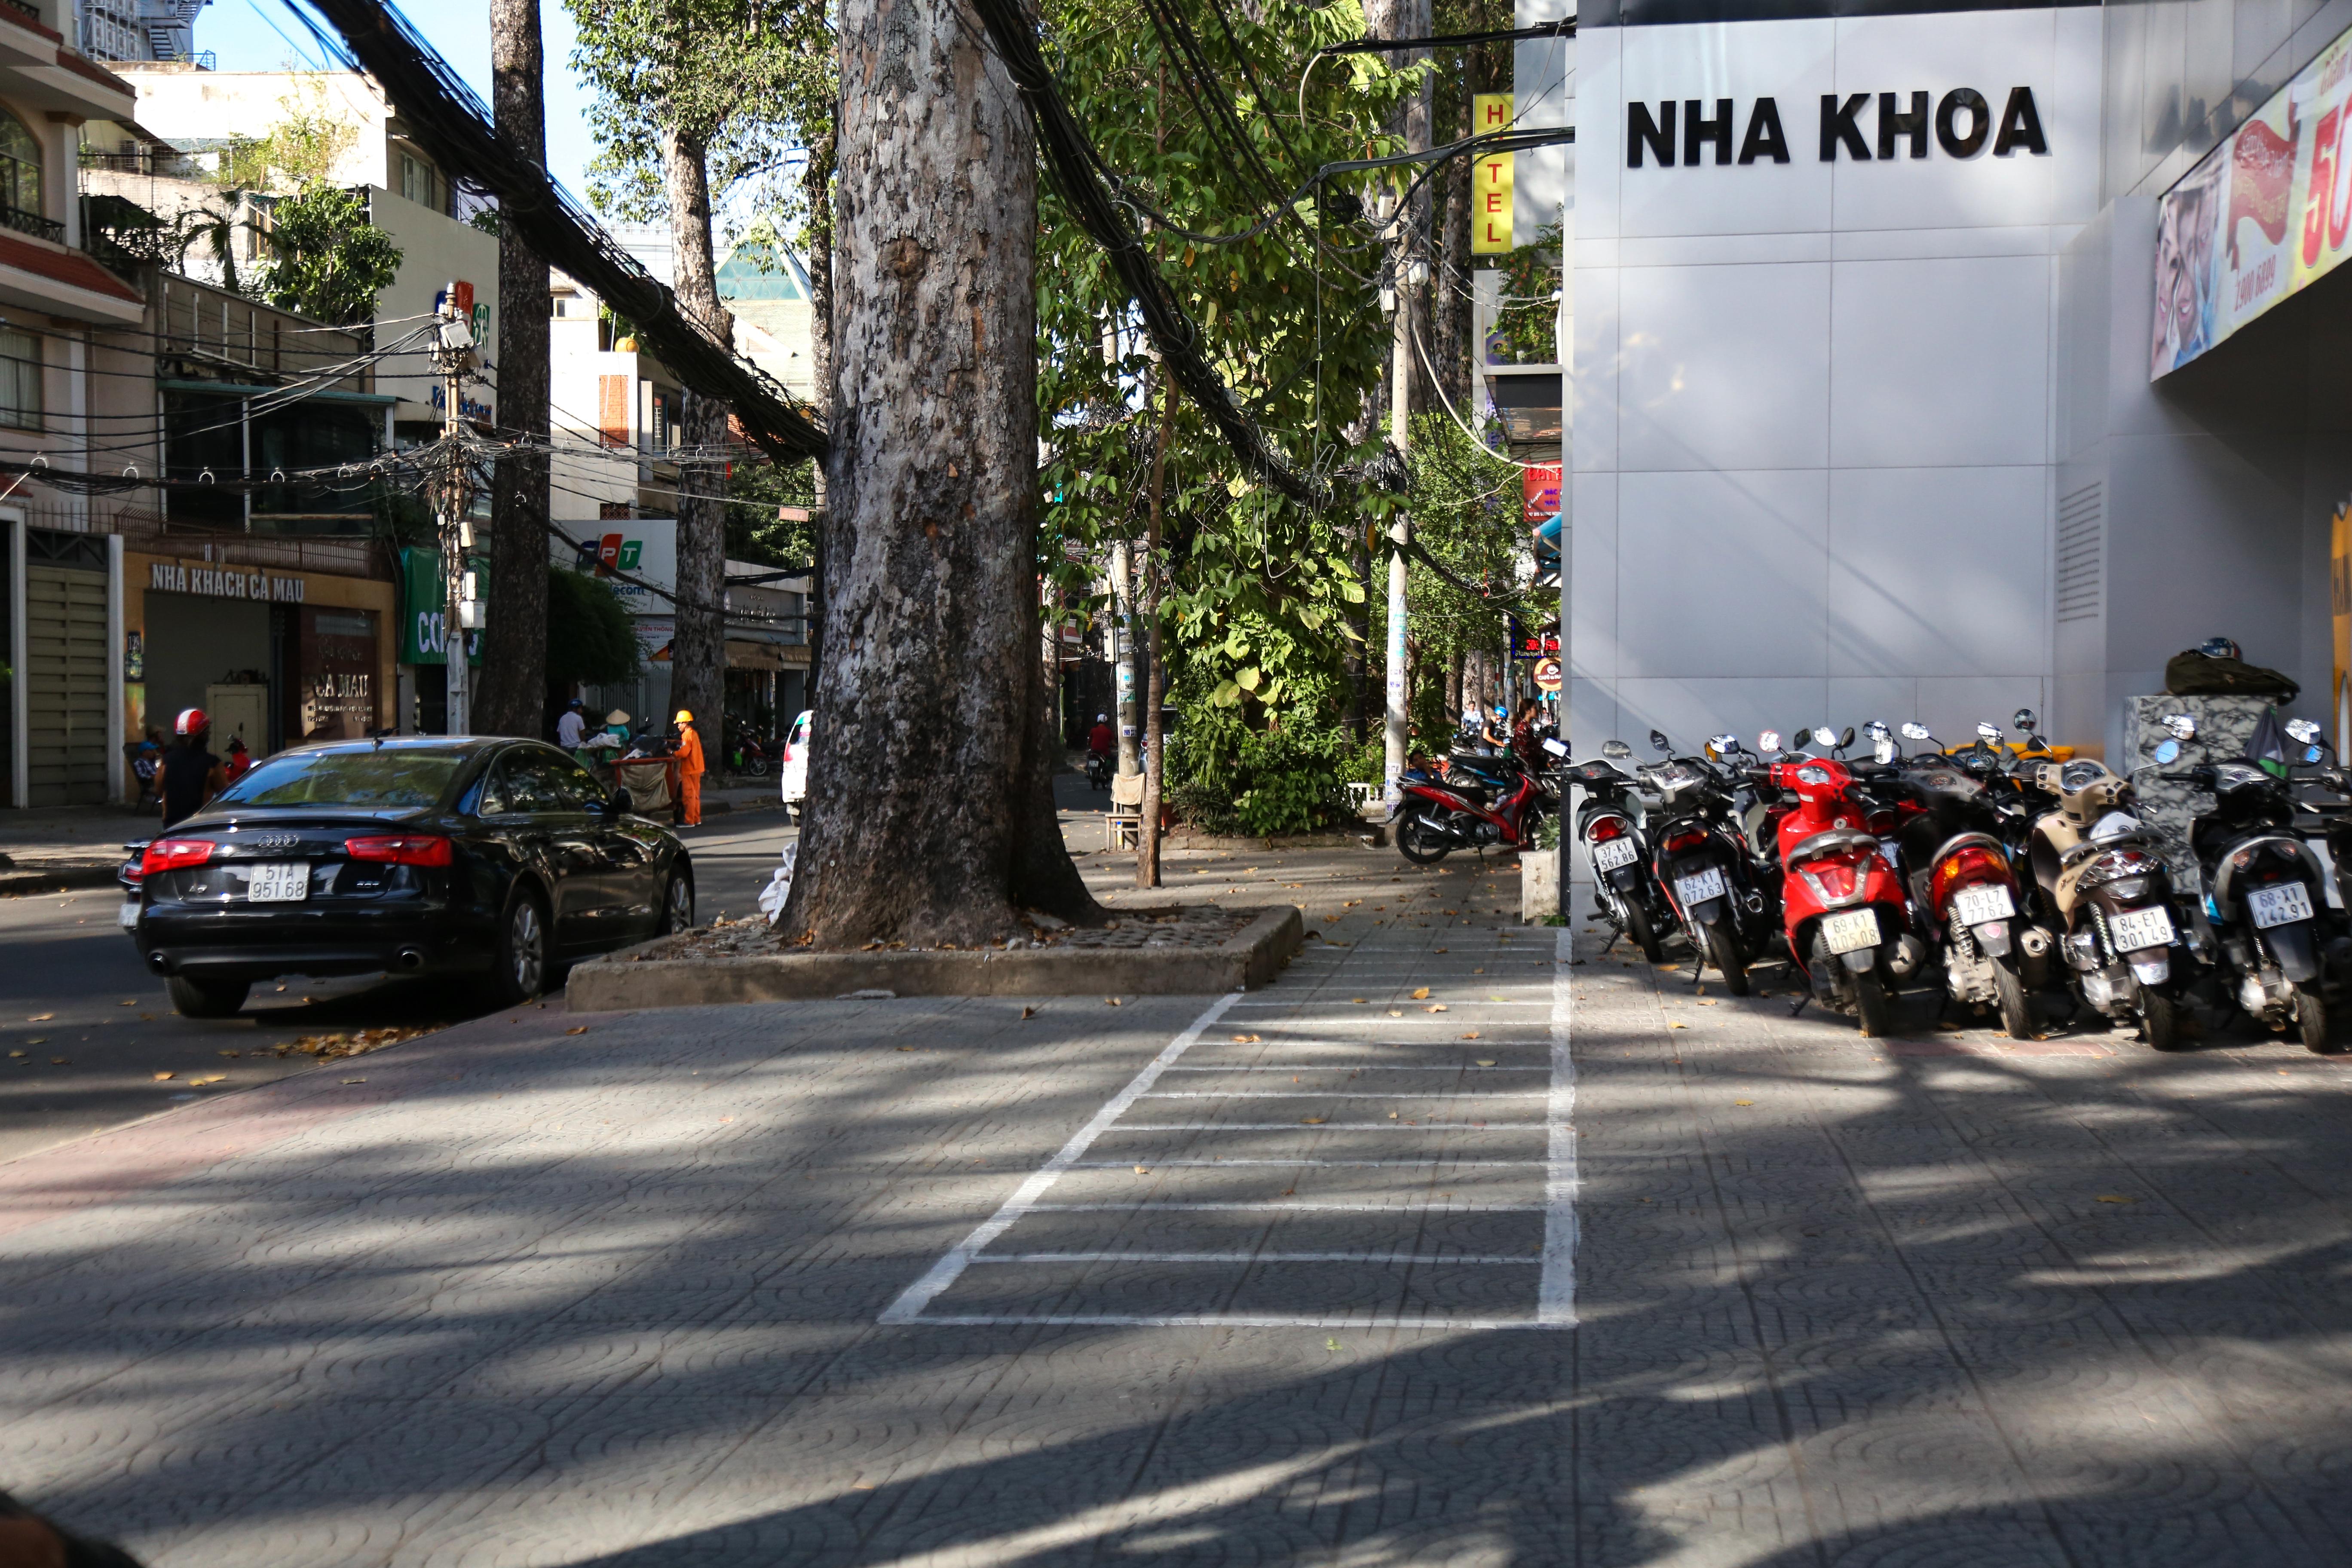 Vỉa hè Sài Gòn sau khi được phân chia bằng vạch kẻ: Người đi bộ thoải mái, dân buôn bán hài lòng - Ảnh 7.